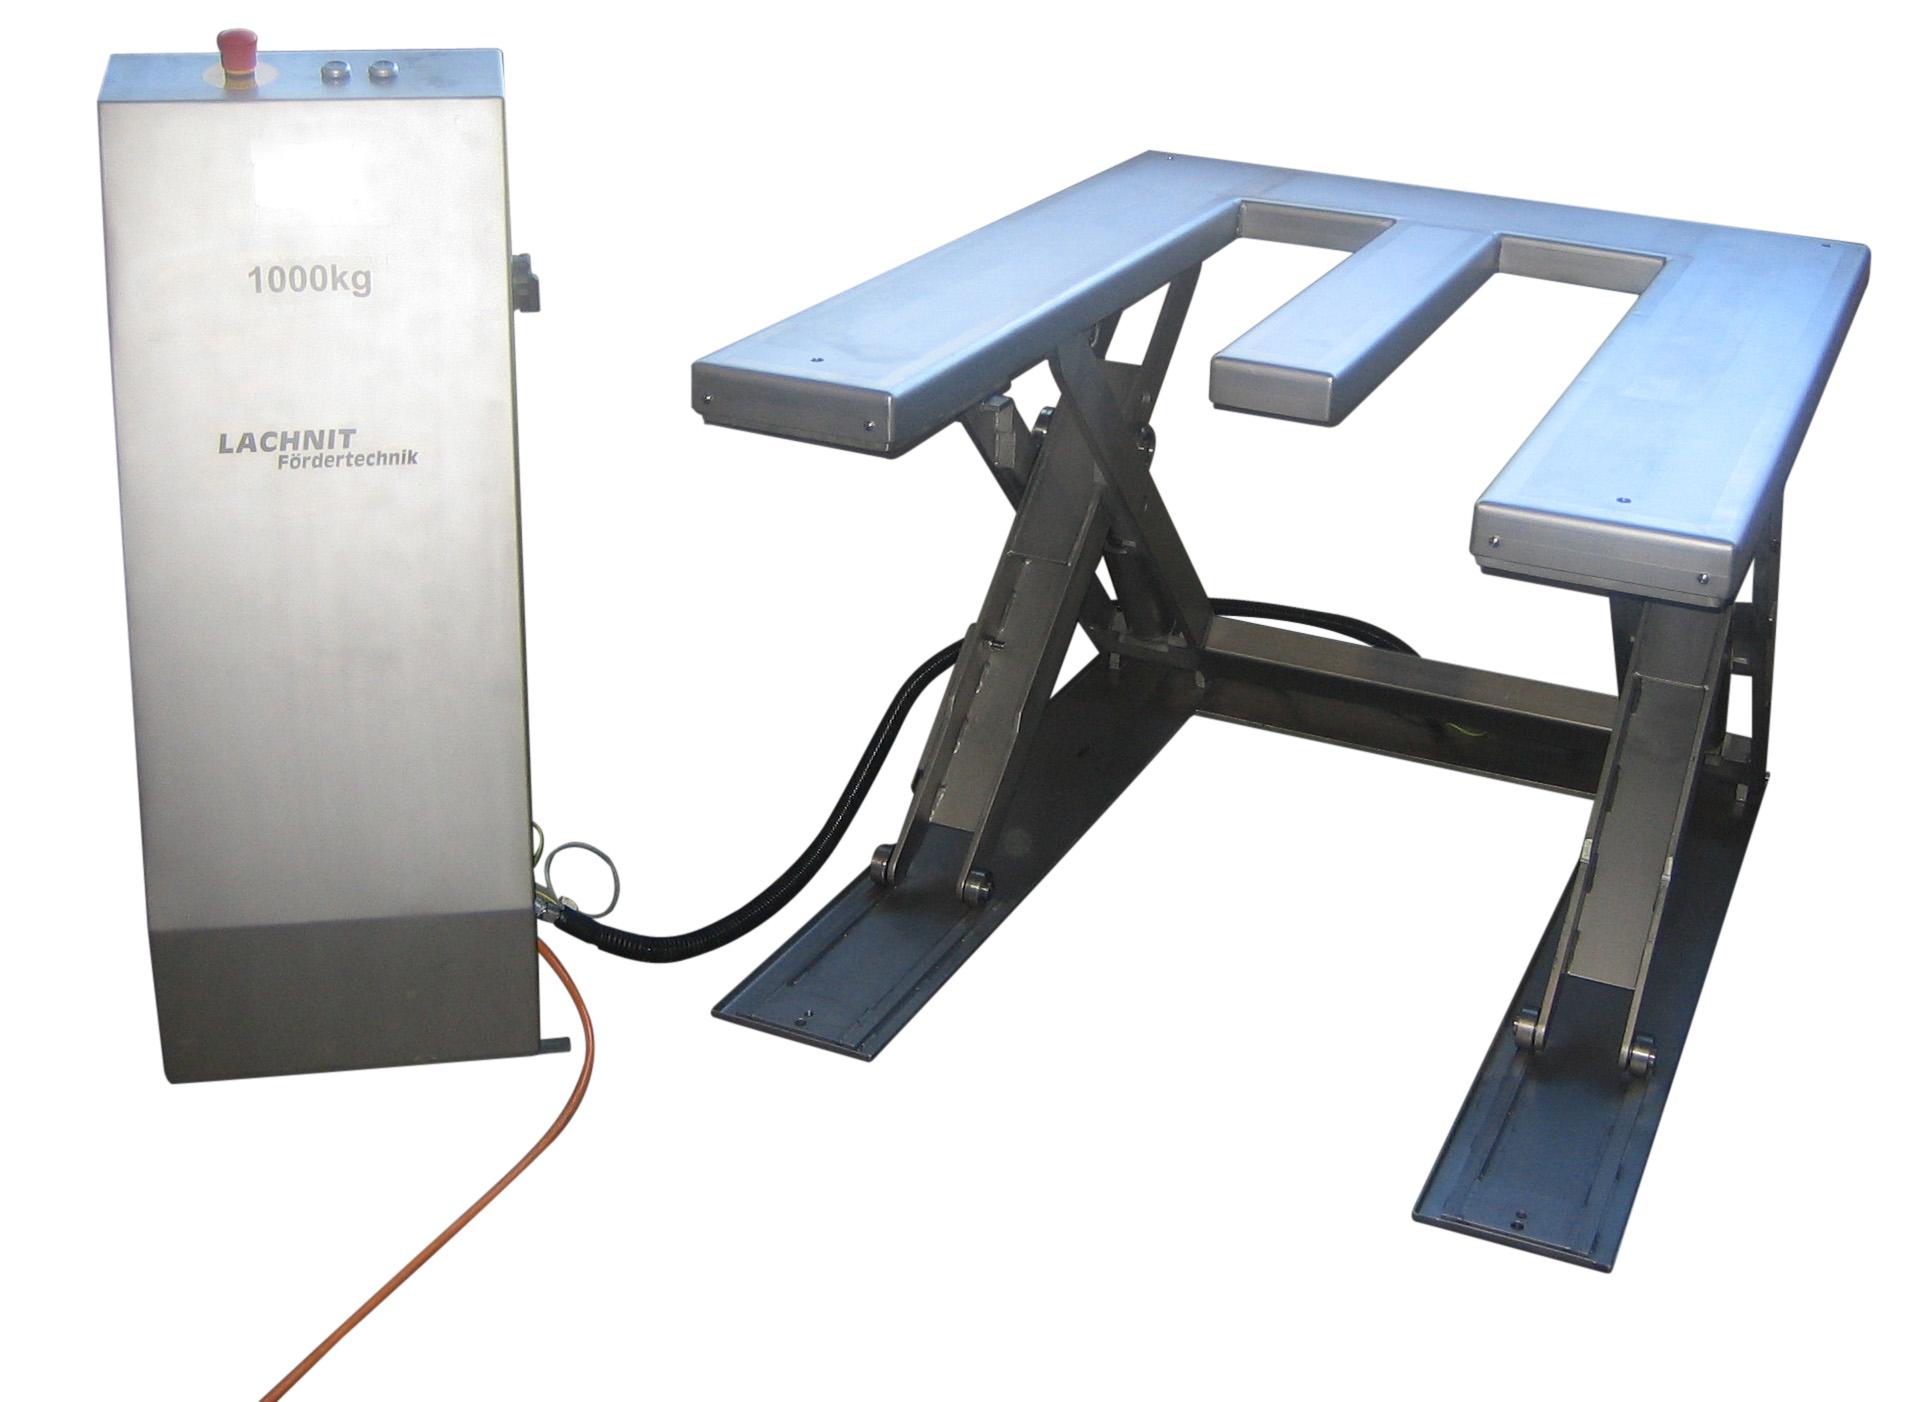 Wir bieten ultra-flacheScherenhubtische in Edelstahl zur Integration in bestehende Förderanlagen oder als Element zur E